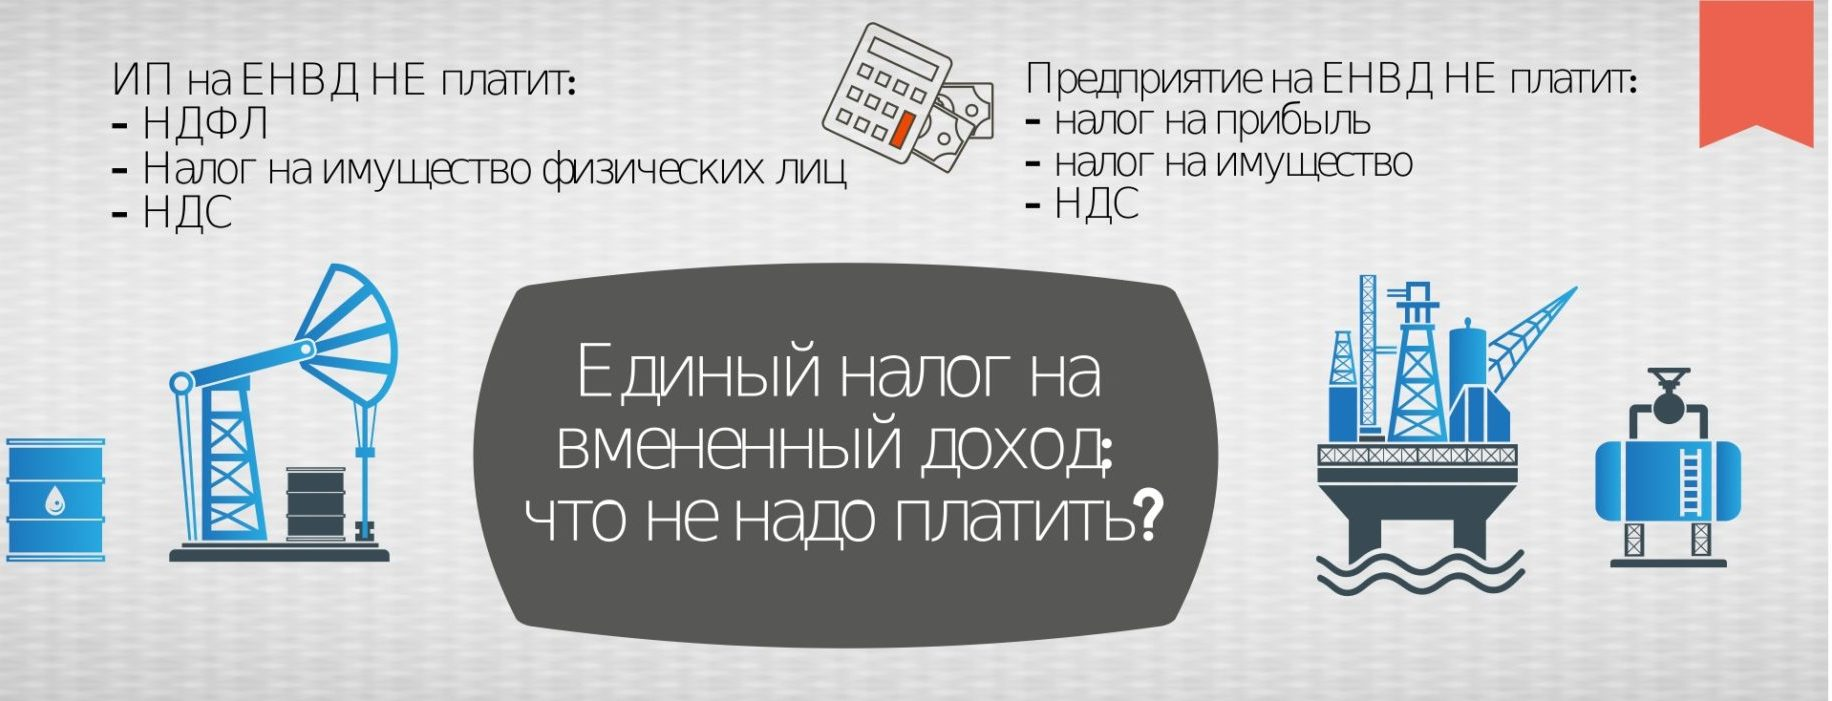 Последние новости челябинской области сегодня